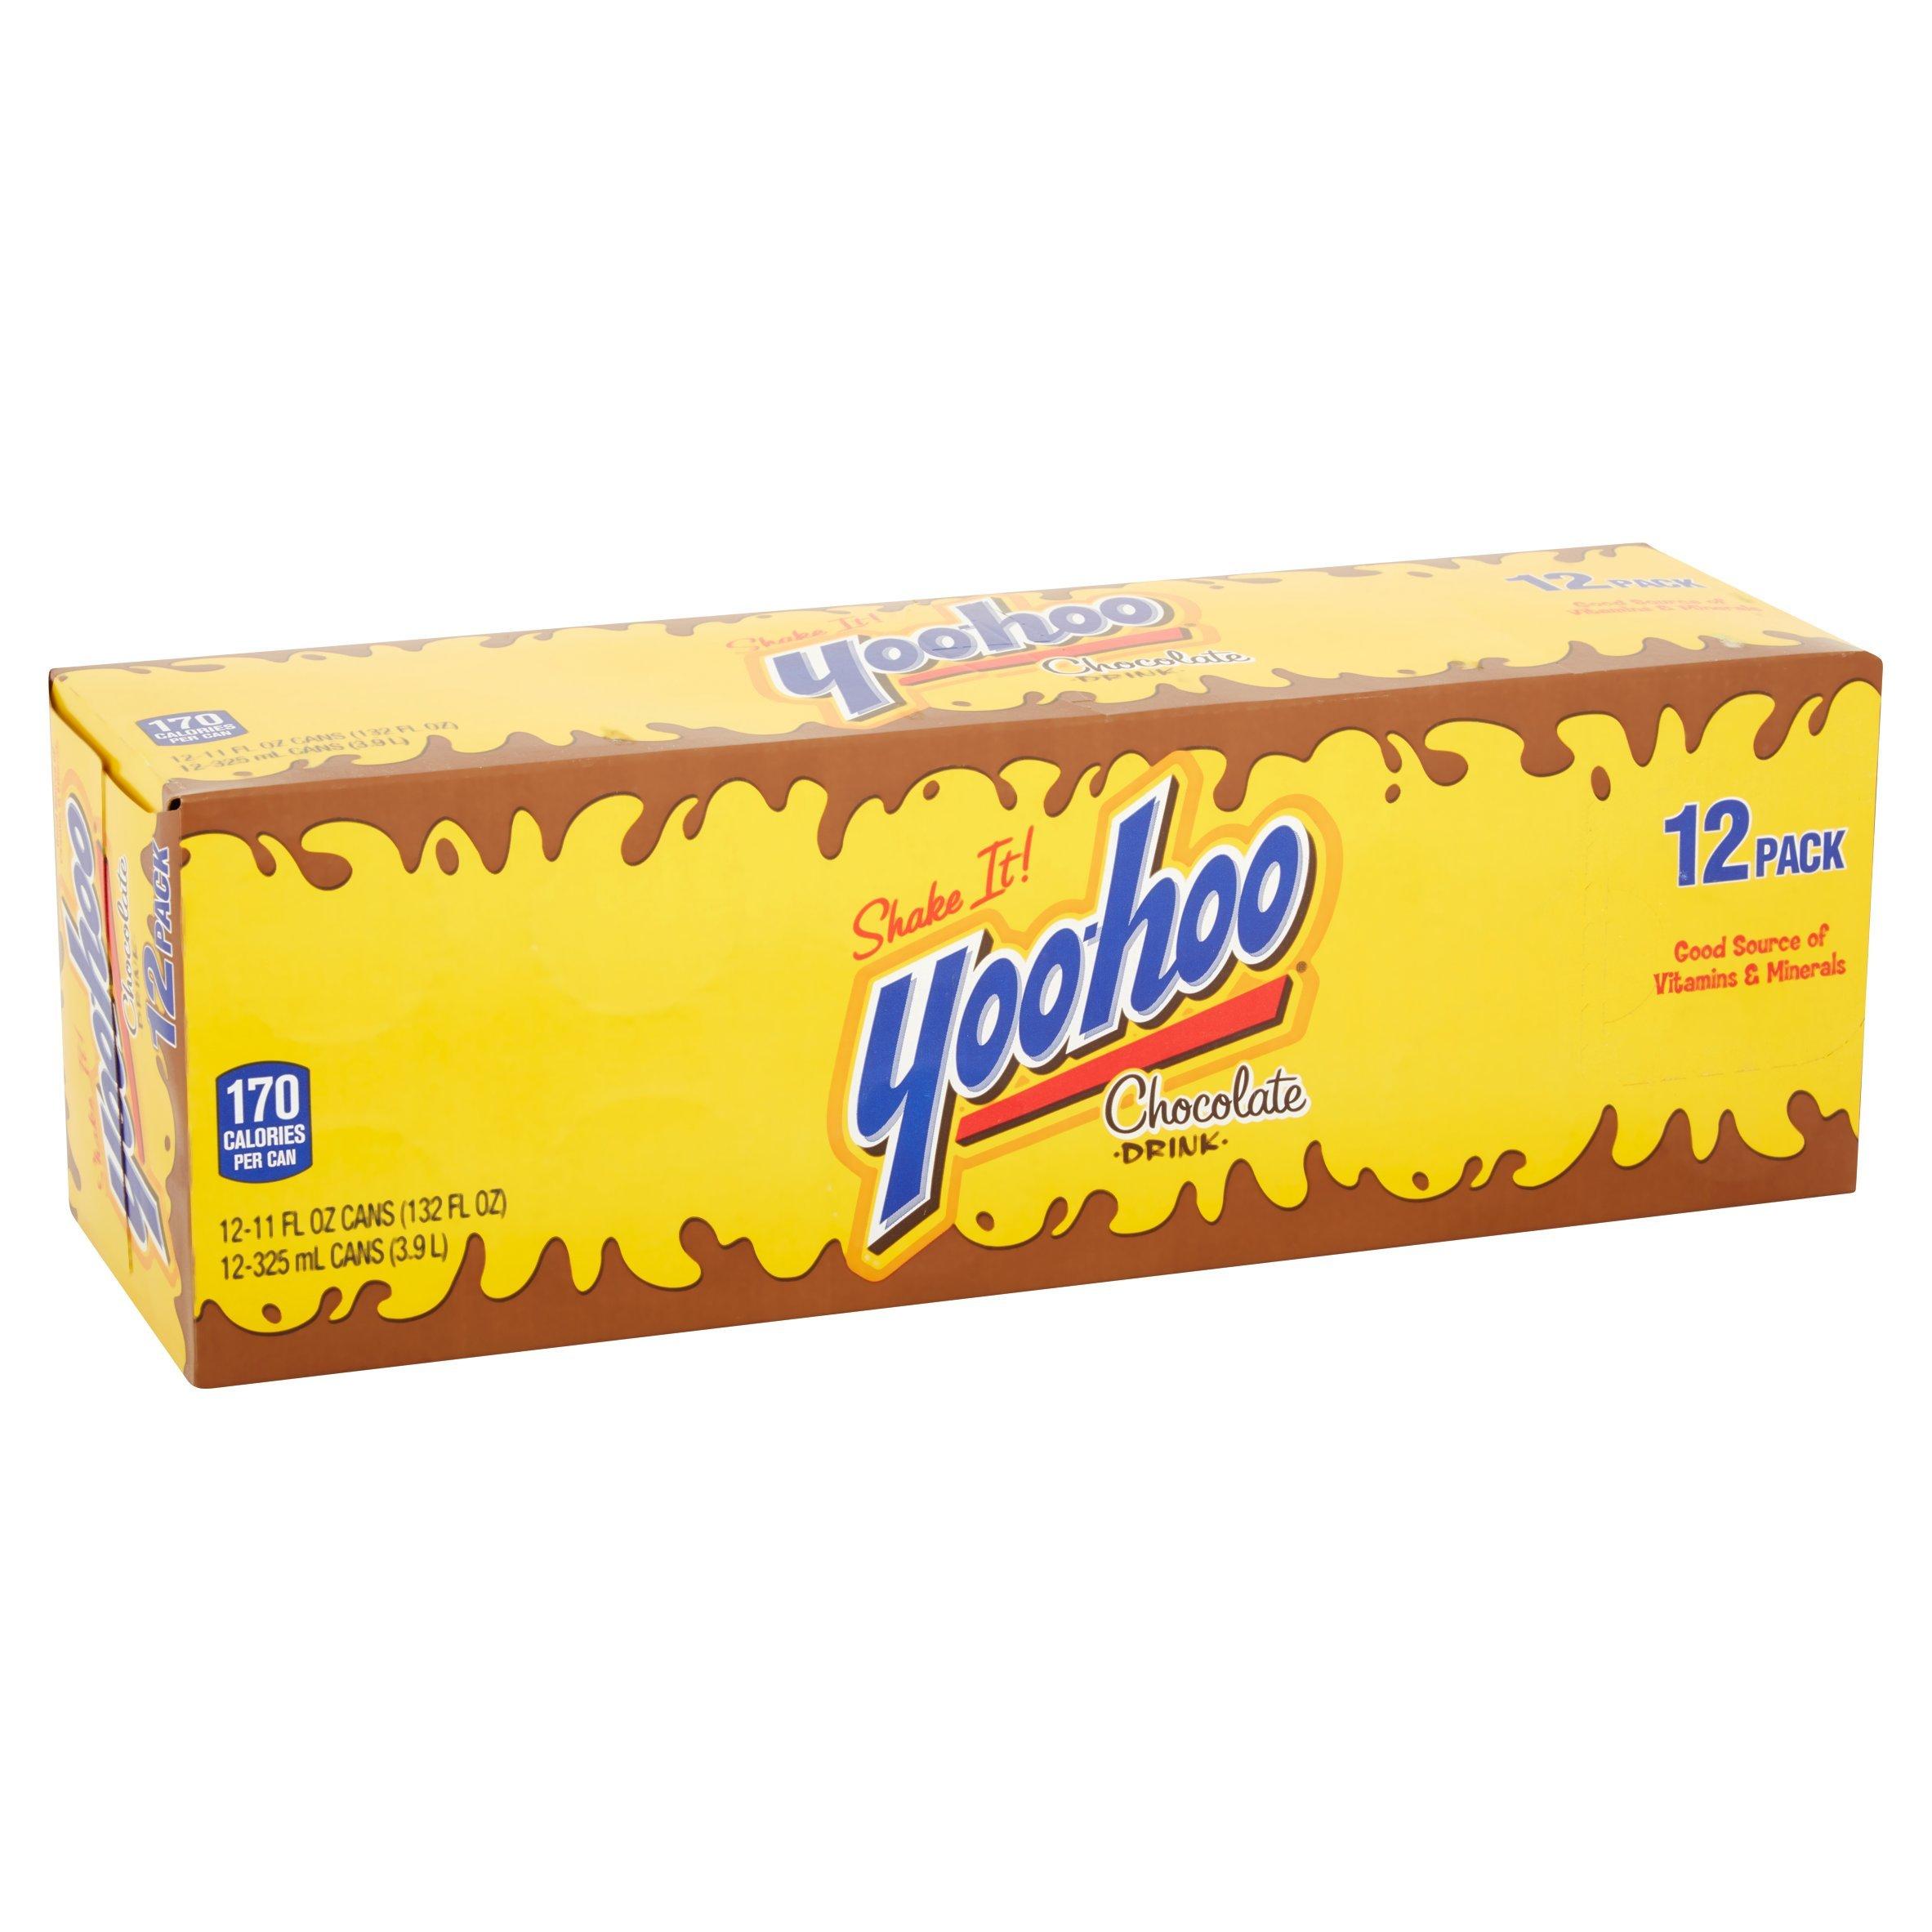 Yoo-Hoo Chocolate Drink, 11 oz (pack of 12)